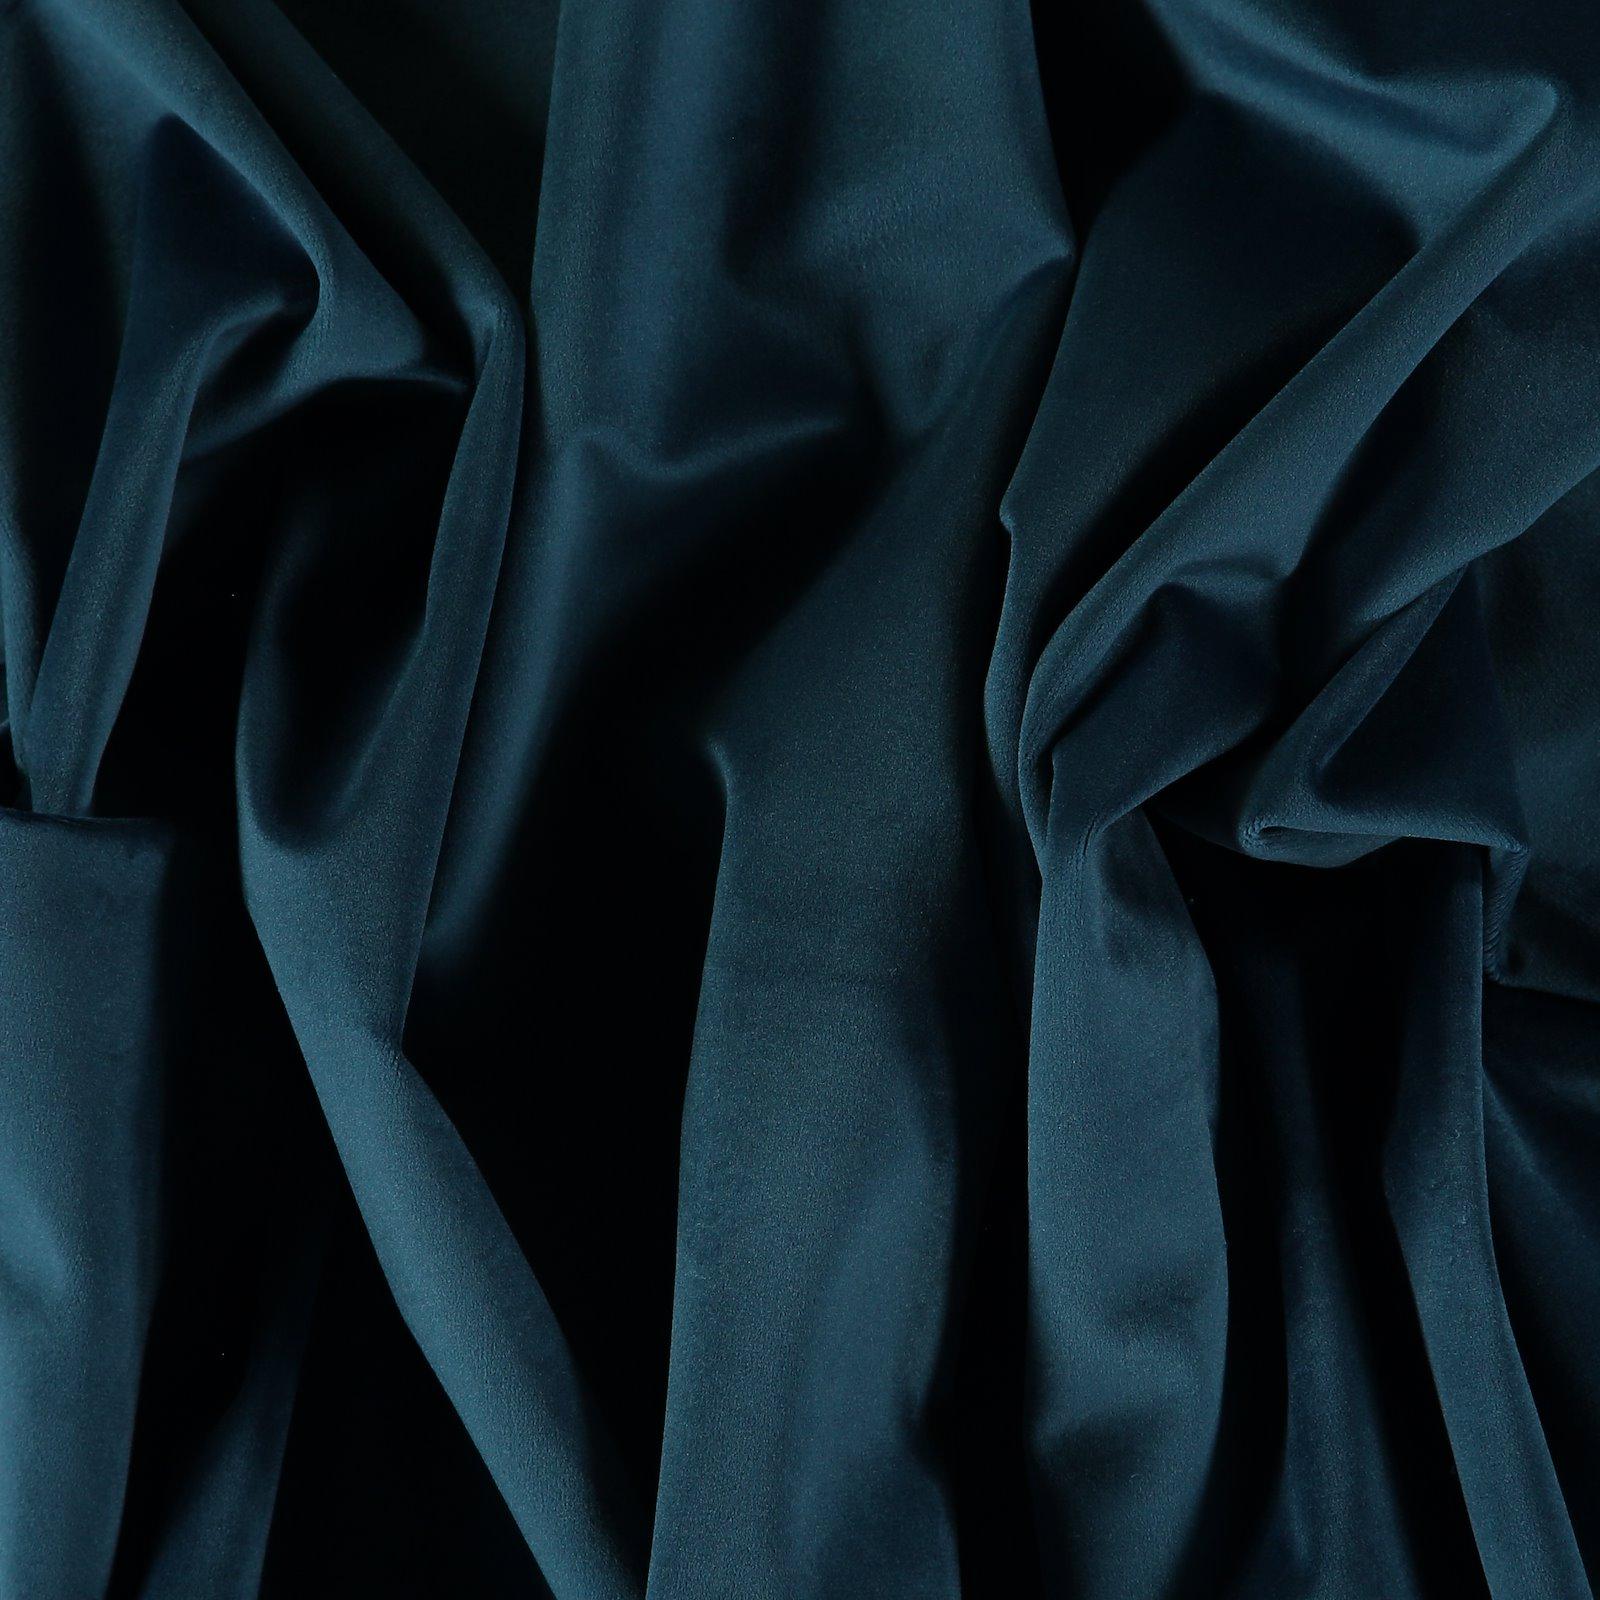 Upholstery shiny velvet petrol blue